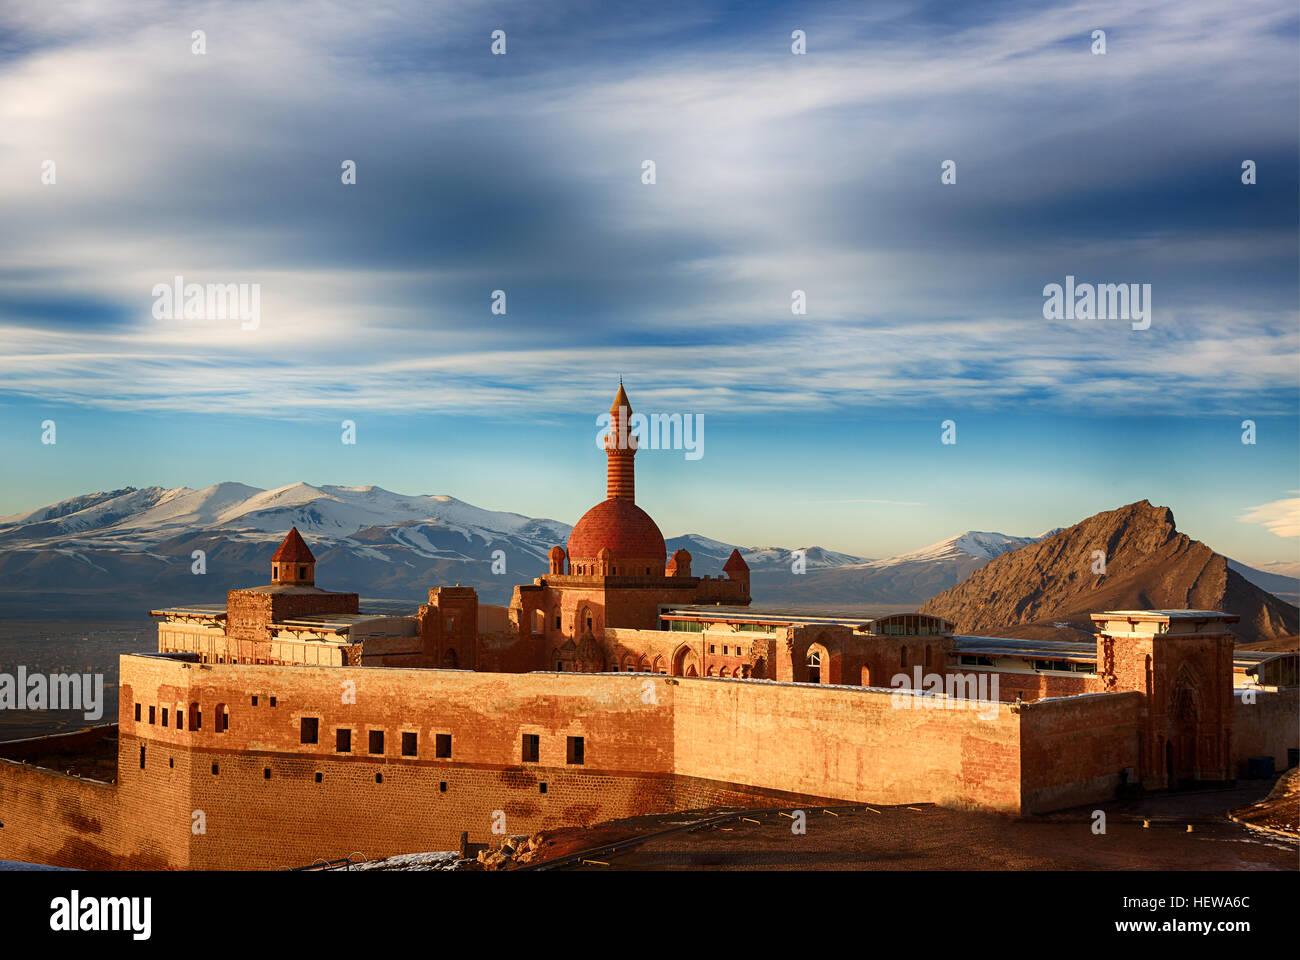 Ishak Pasha Palace,Dogu Beyazit,Agri, Turkey country Stock Photo